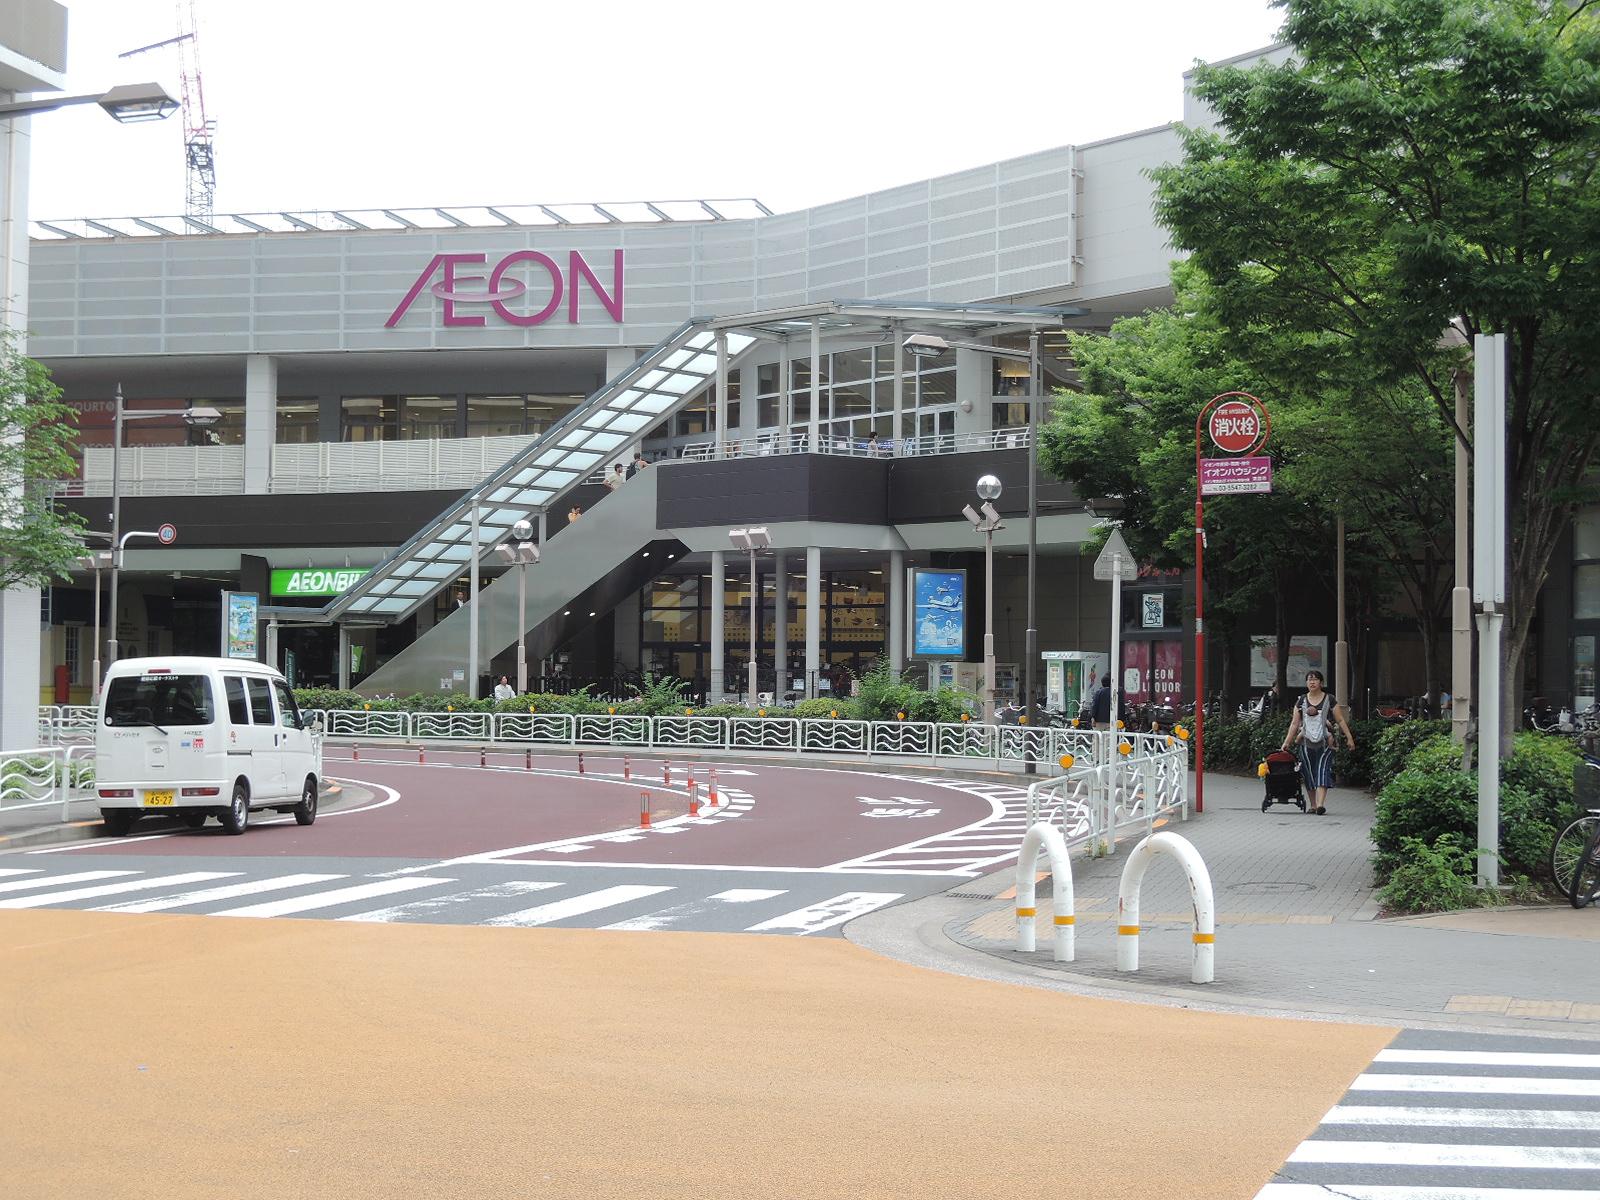 歩いてもすぐの距離にイオン東雲ショッピングセンター